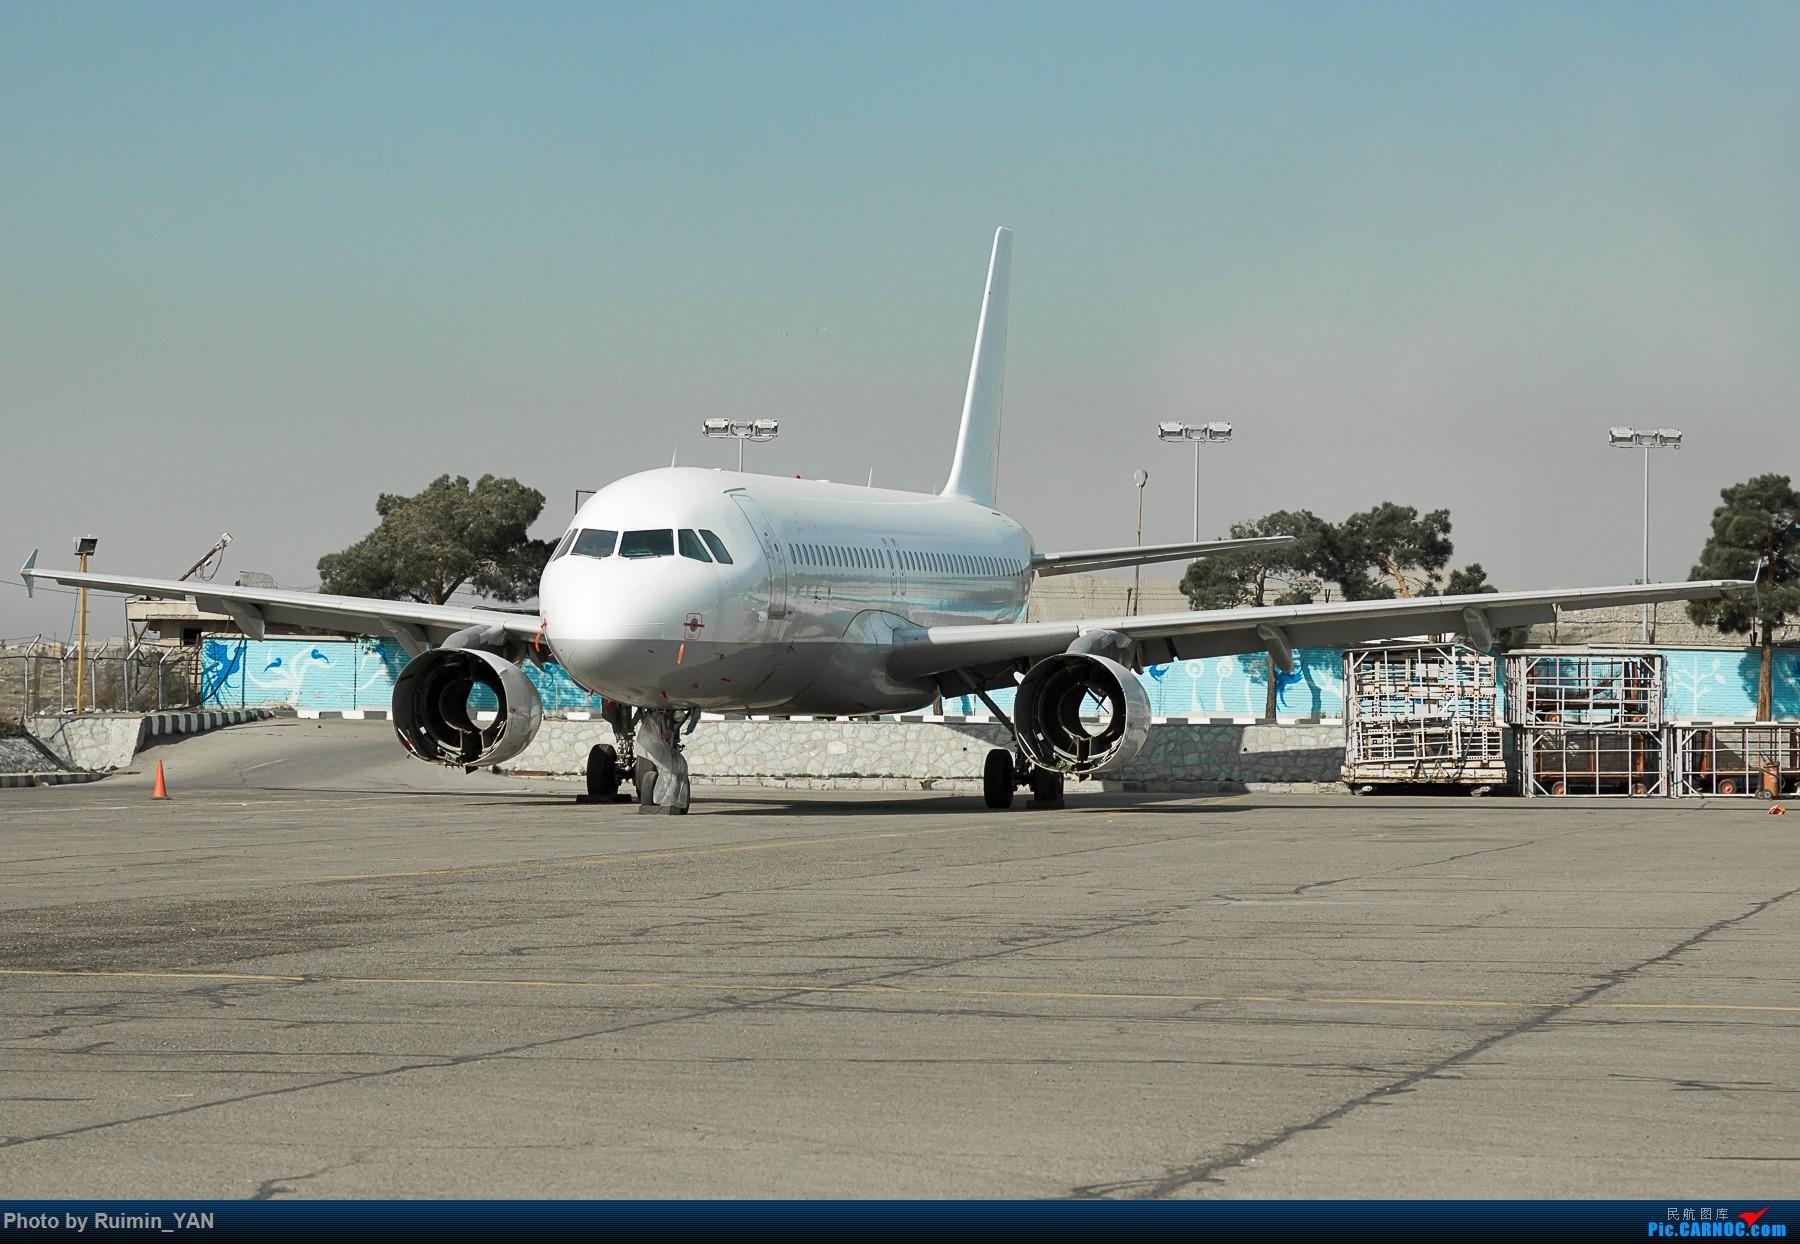 [原创]【THR】(德黑兰梅赫拉巴德机场)停在伊朗Pouya航空基地的未知航空未知注册号的白板空客320 AIRBUS A320-200  伊朗德黑兰机场